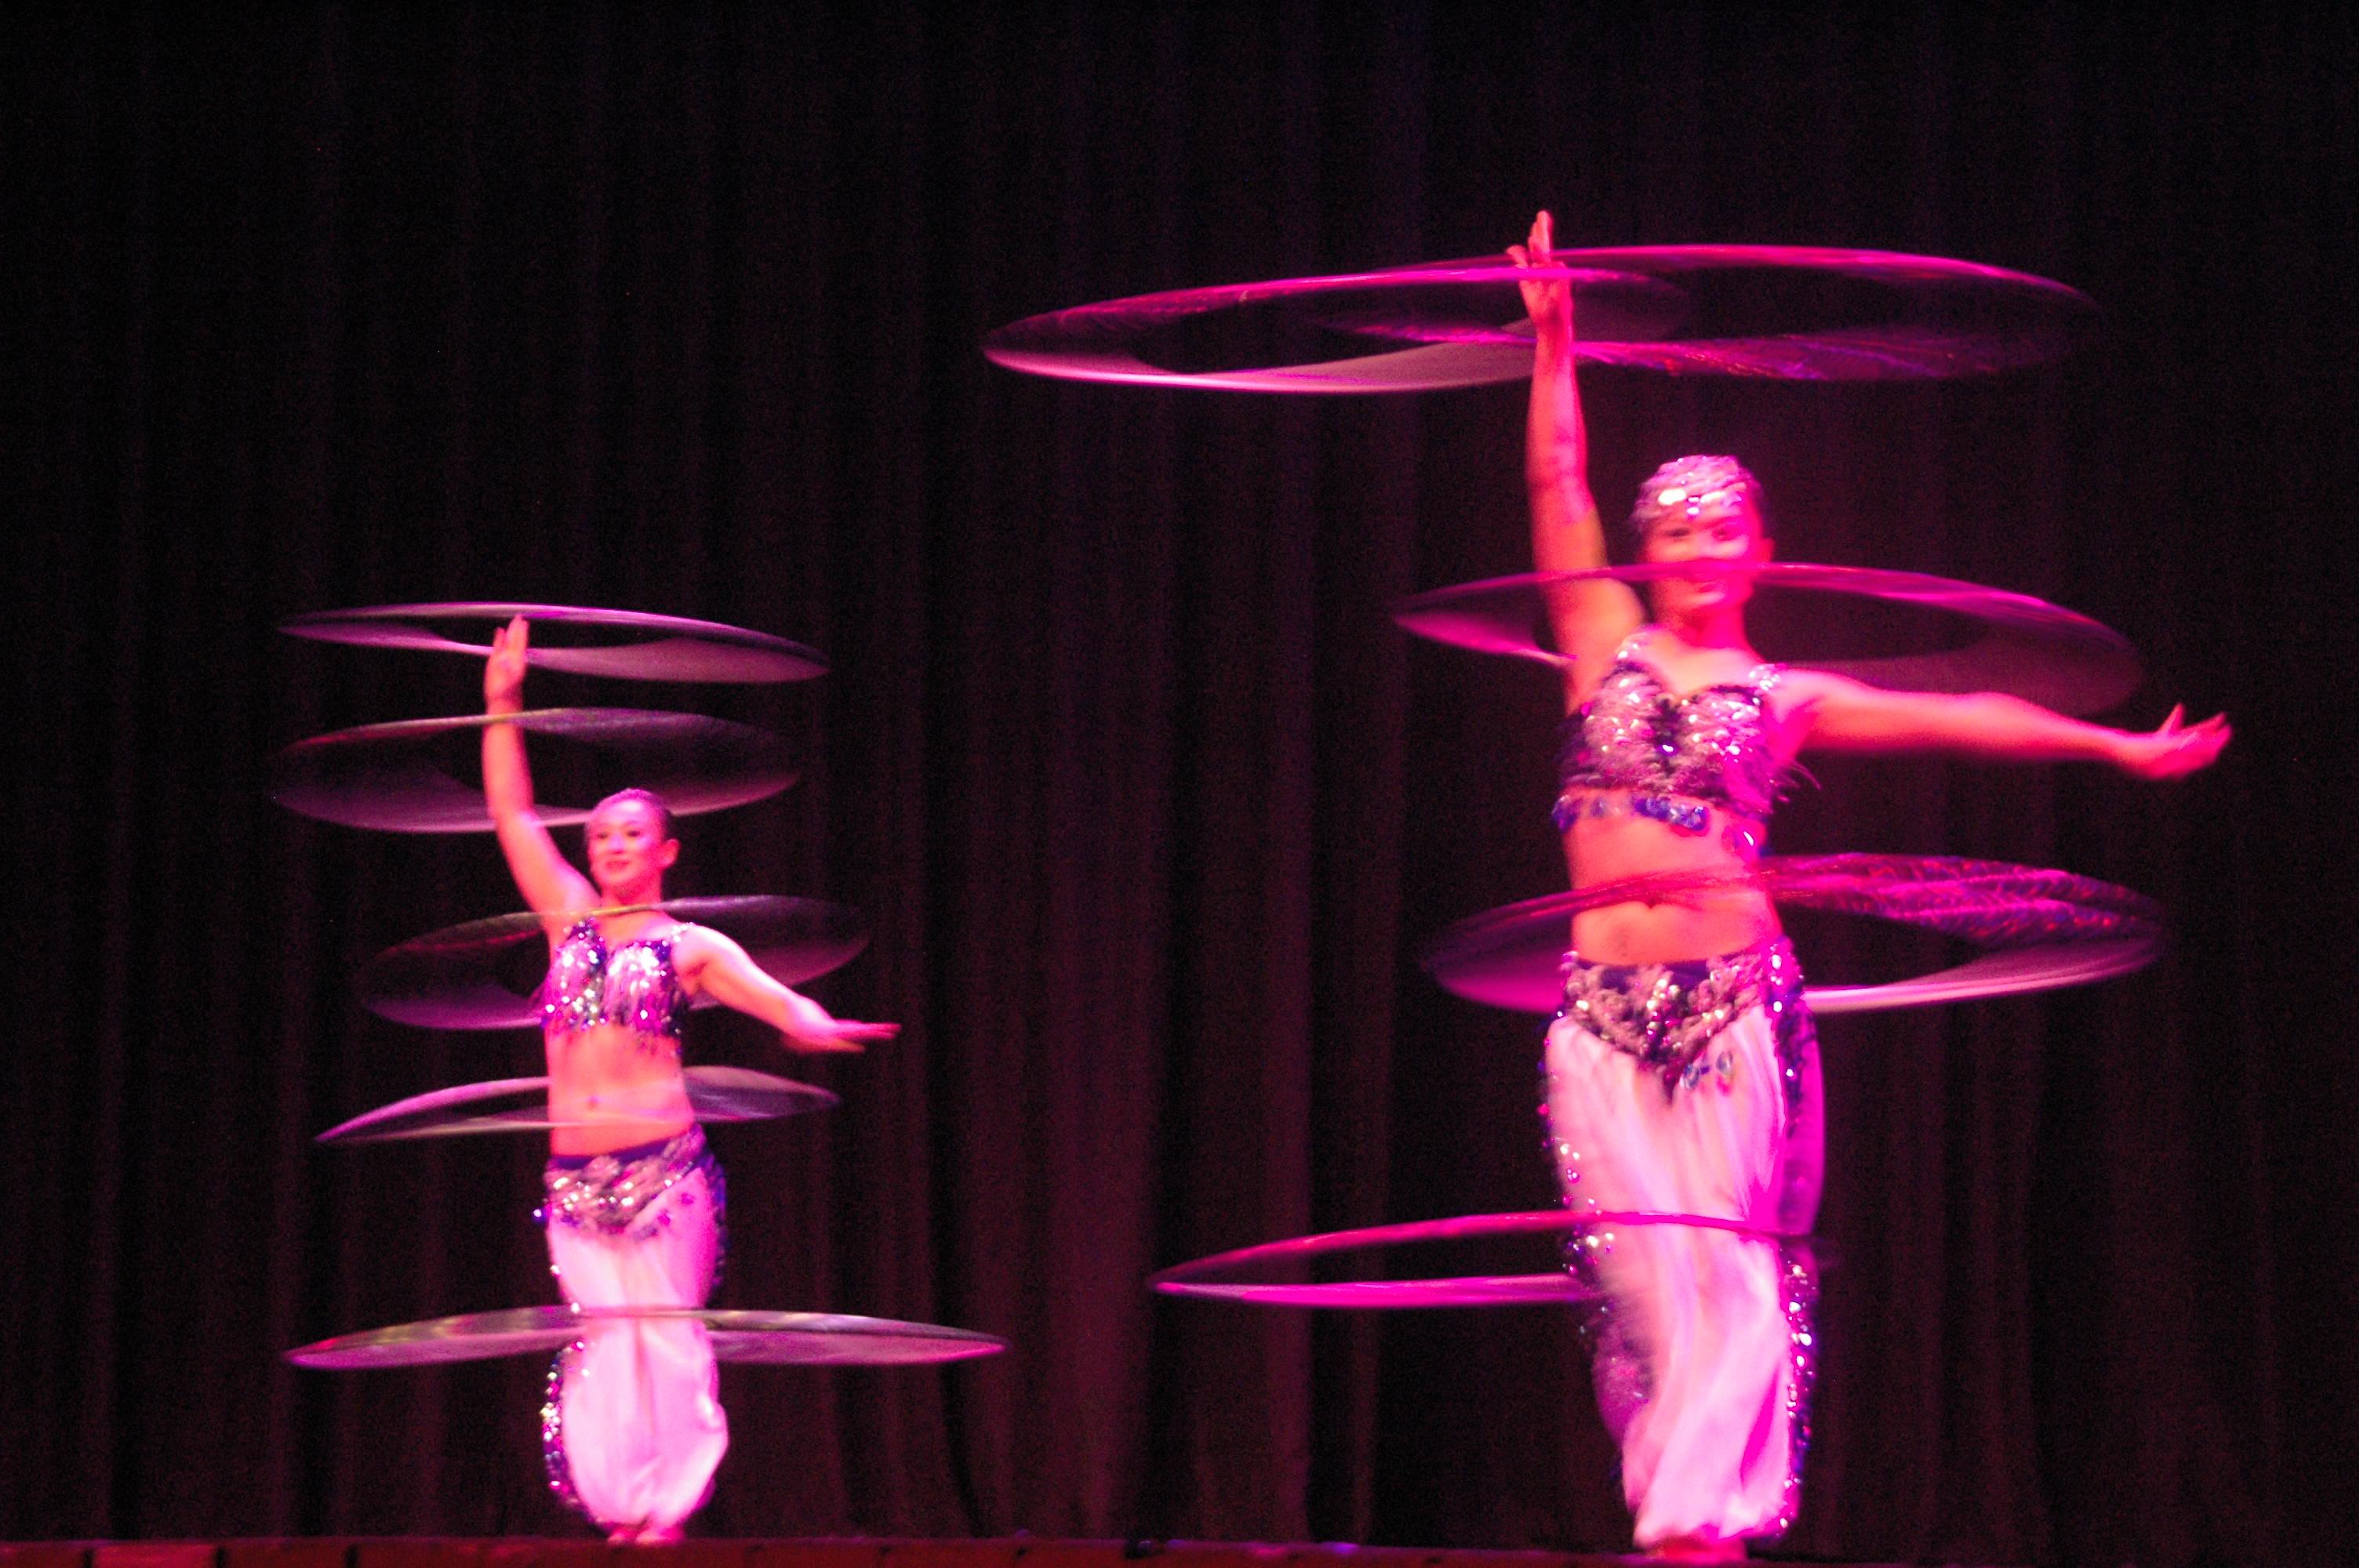 Yunan Acrobatic dance group, China